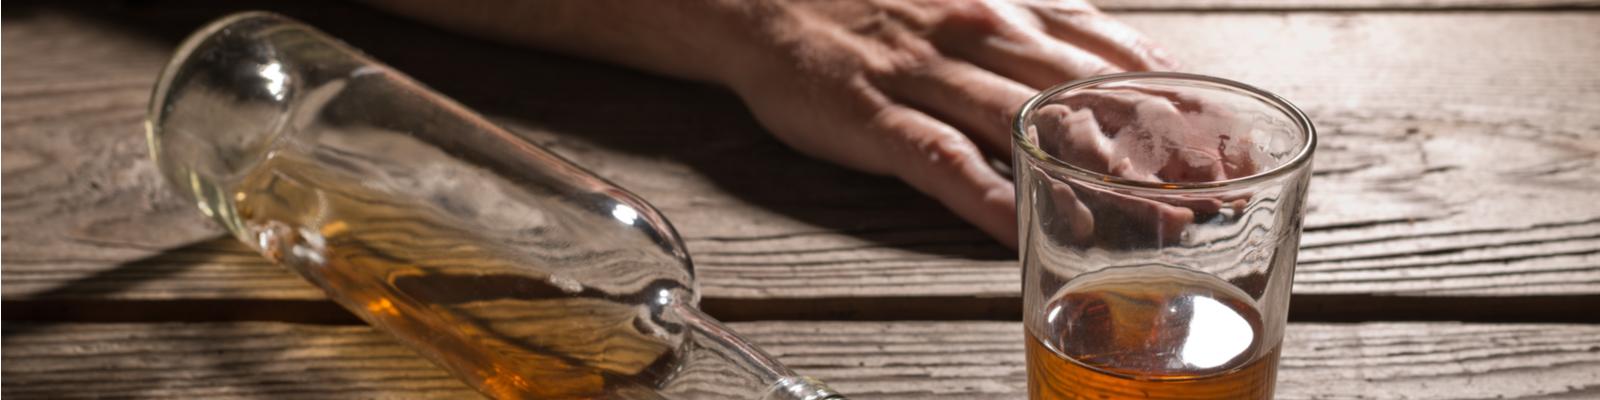 Со скольки лет можно покупать водку и продавать алкоголь в России и Москве?